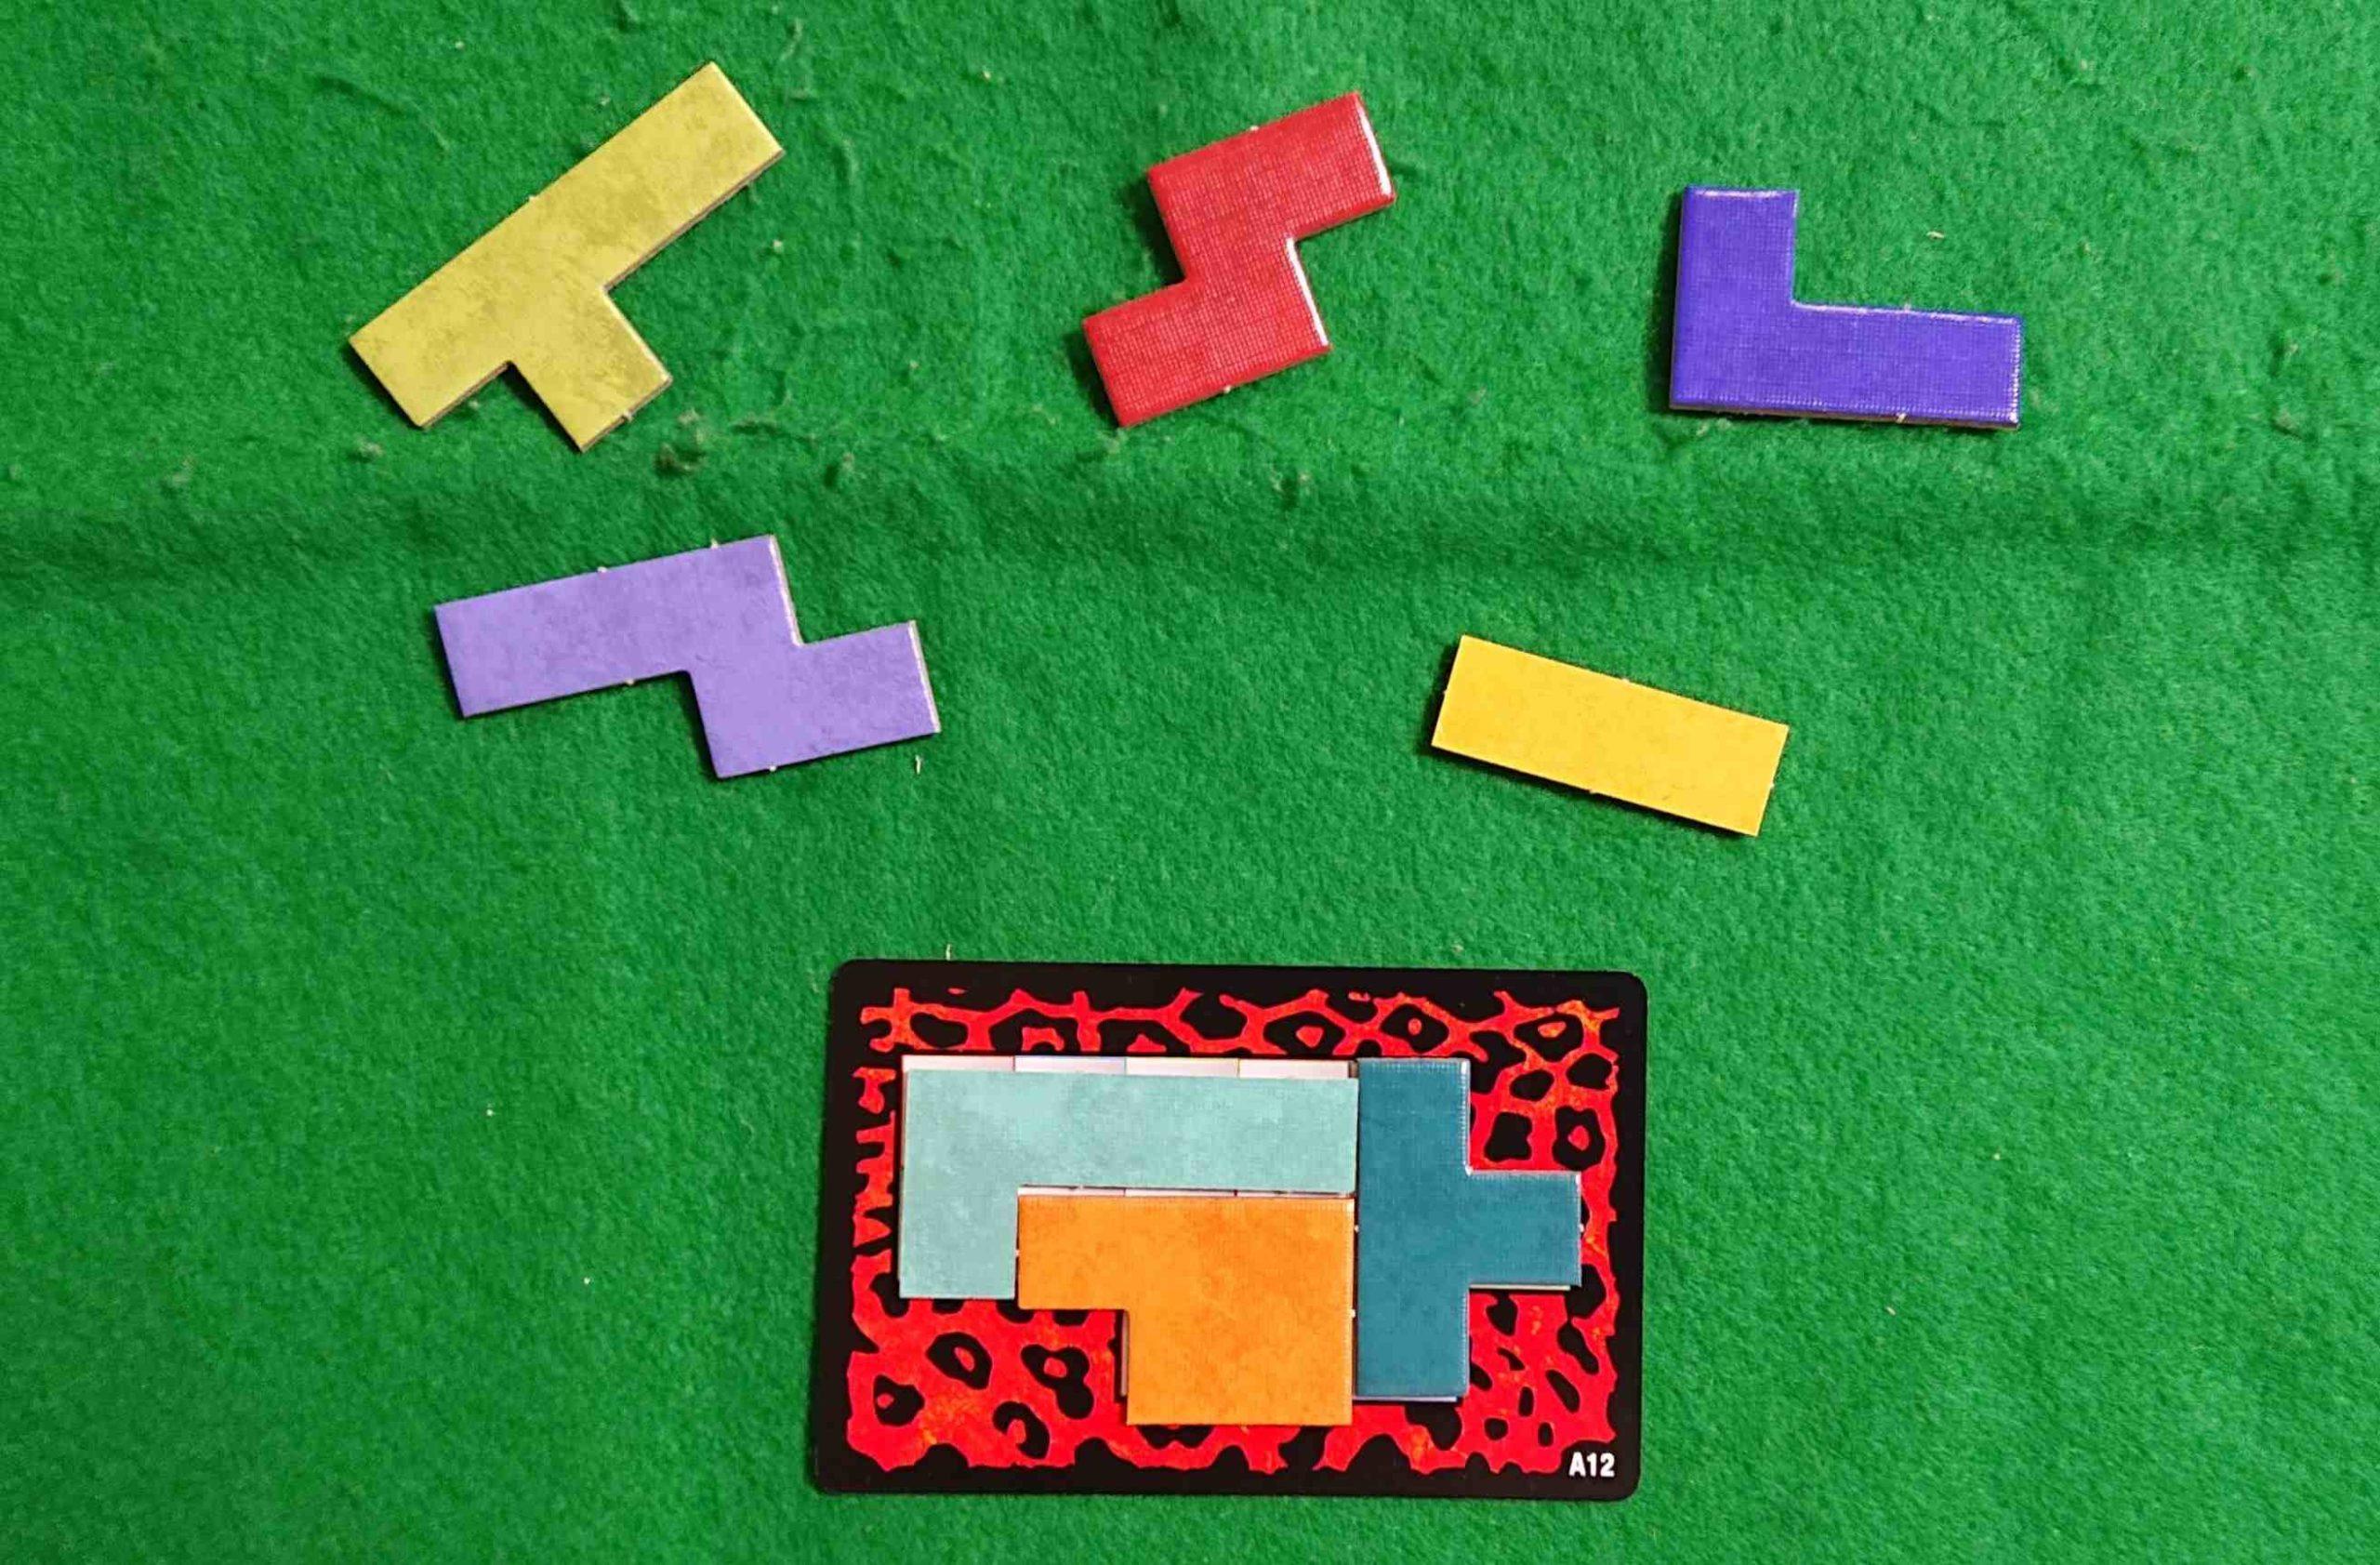 ウボンゴミニ(UBONGO) ルール&レビュー パズル&スピード系 ボードゲーム